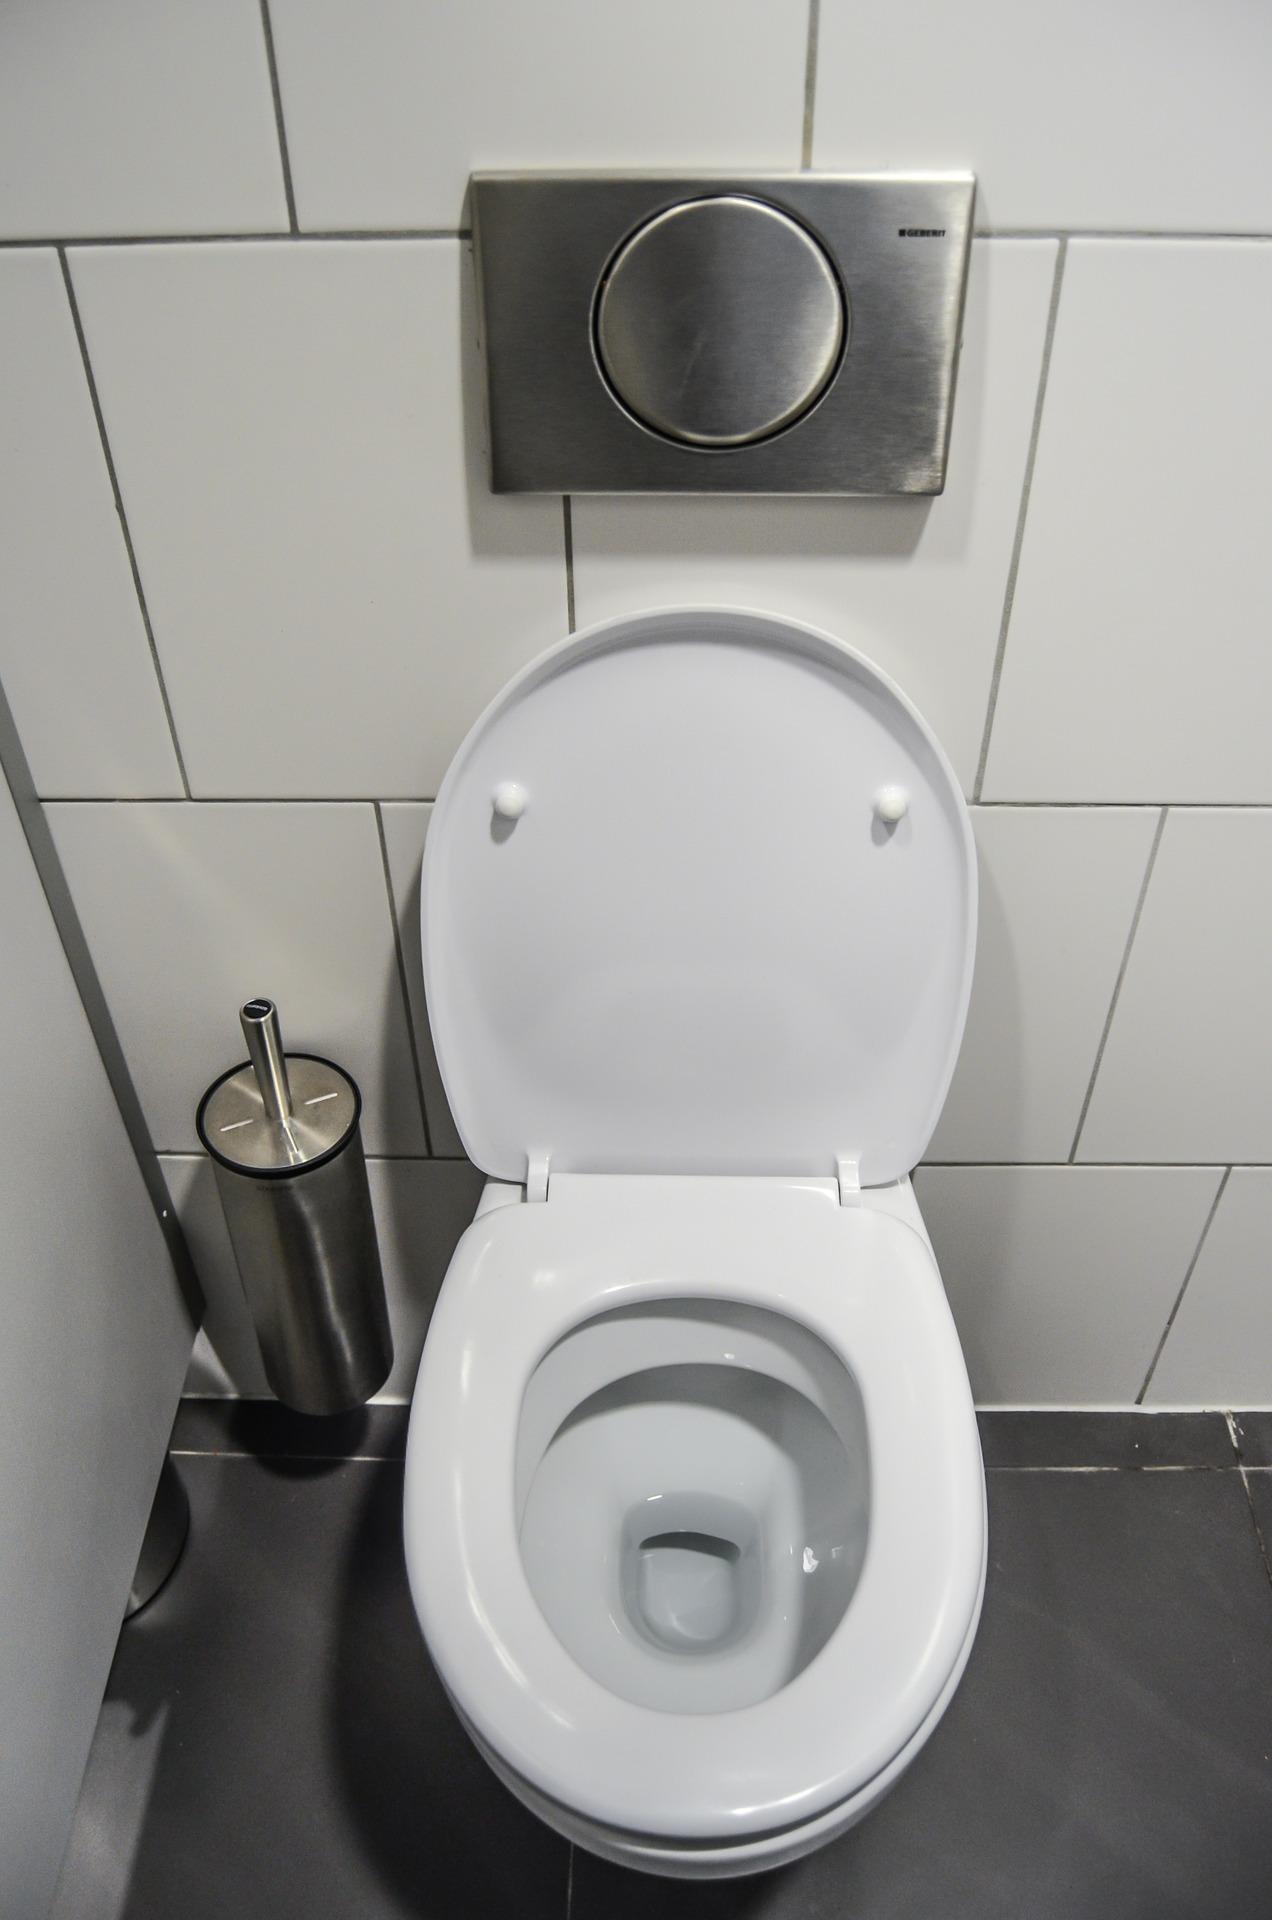 goede handhygi ne belangrijker dan schone wc bril